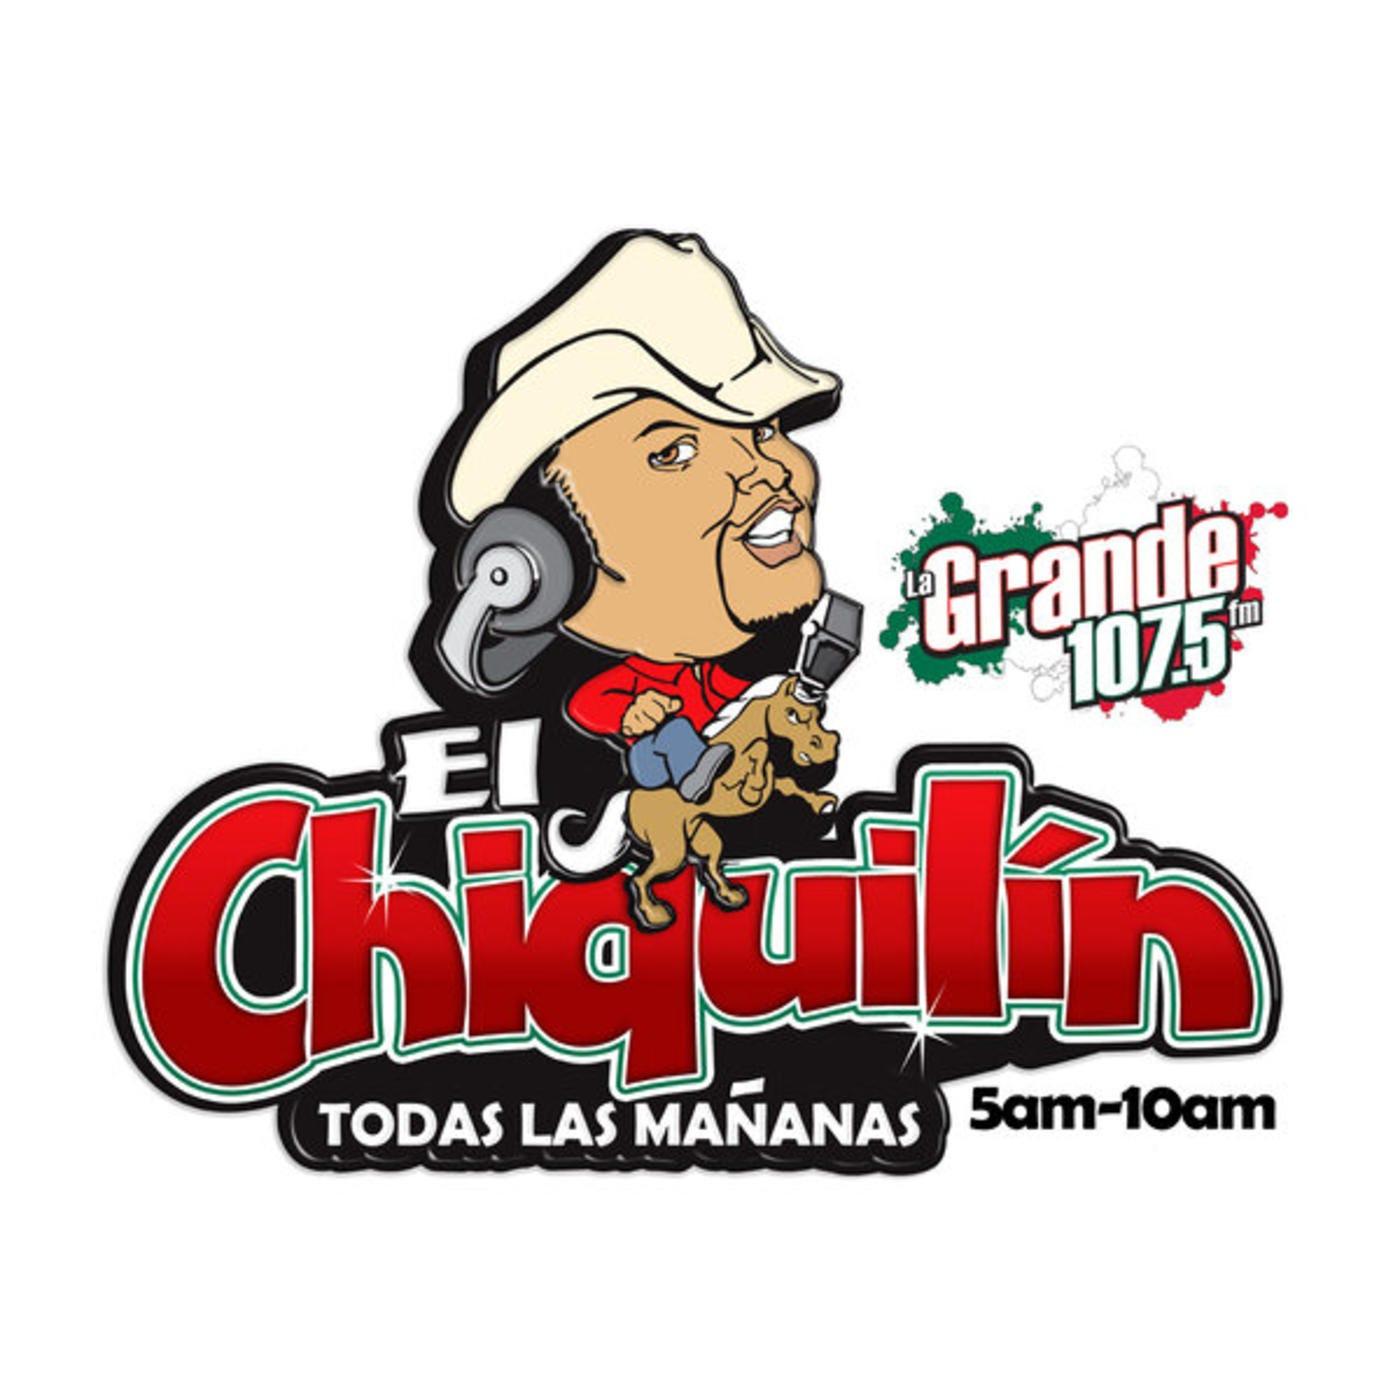 Dr. Edwin Fores miembro de la junta de directores del DISD en show de El Chiquilin Todas Las Mañanas.